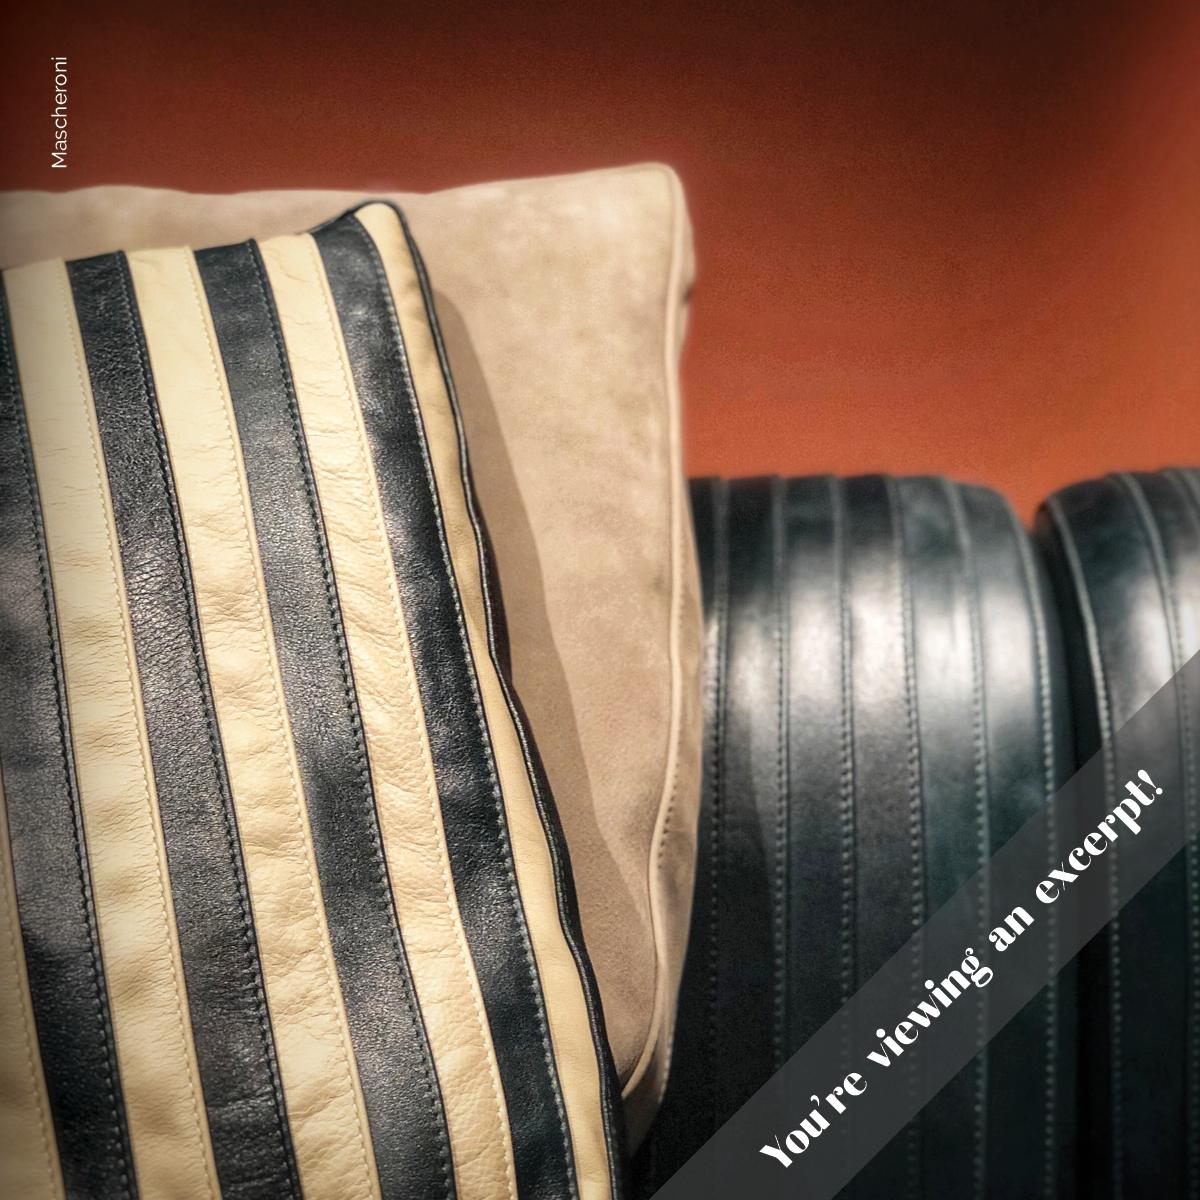 The Textile Eye Issue 2 Summer 19 Excerpt LR17.jpg